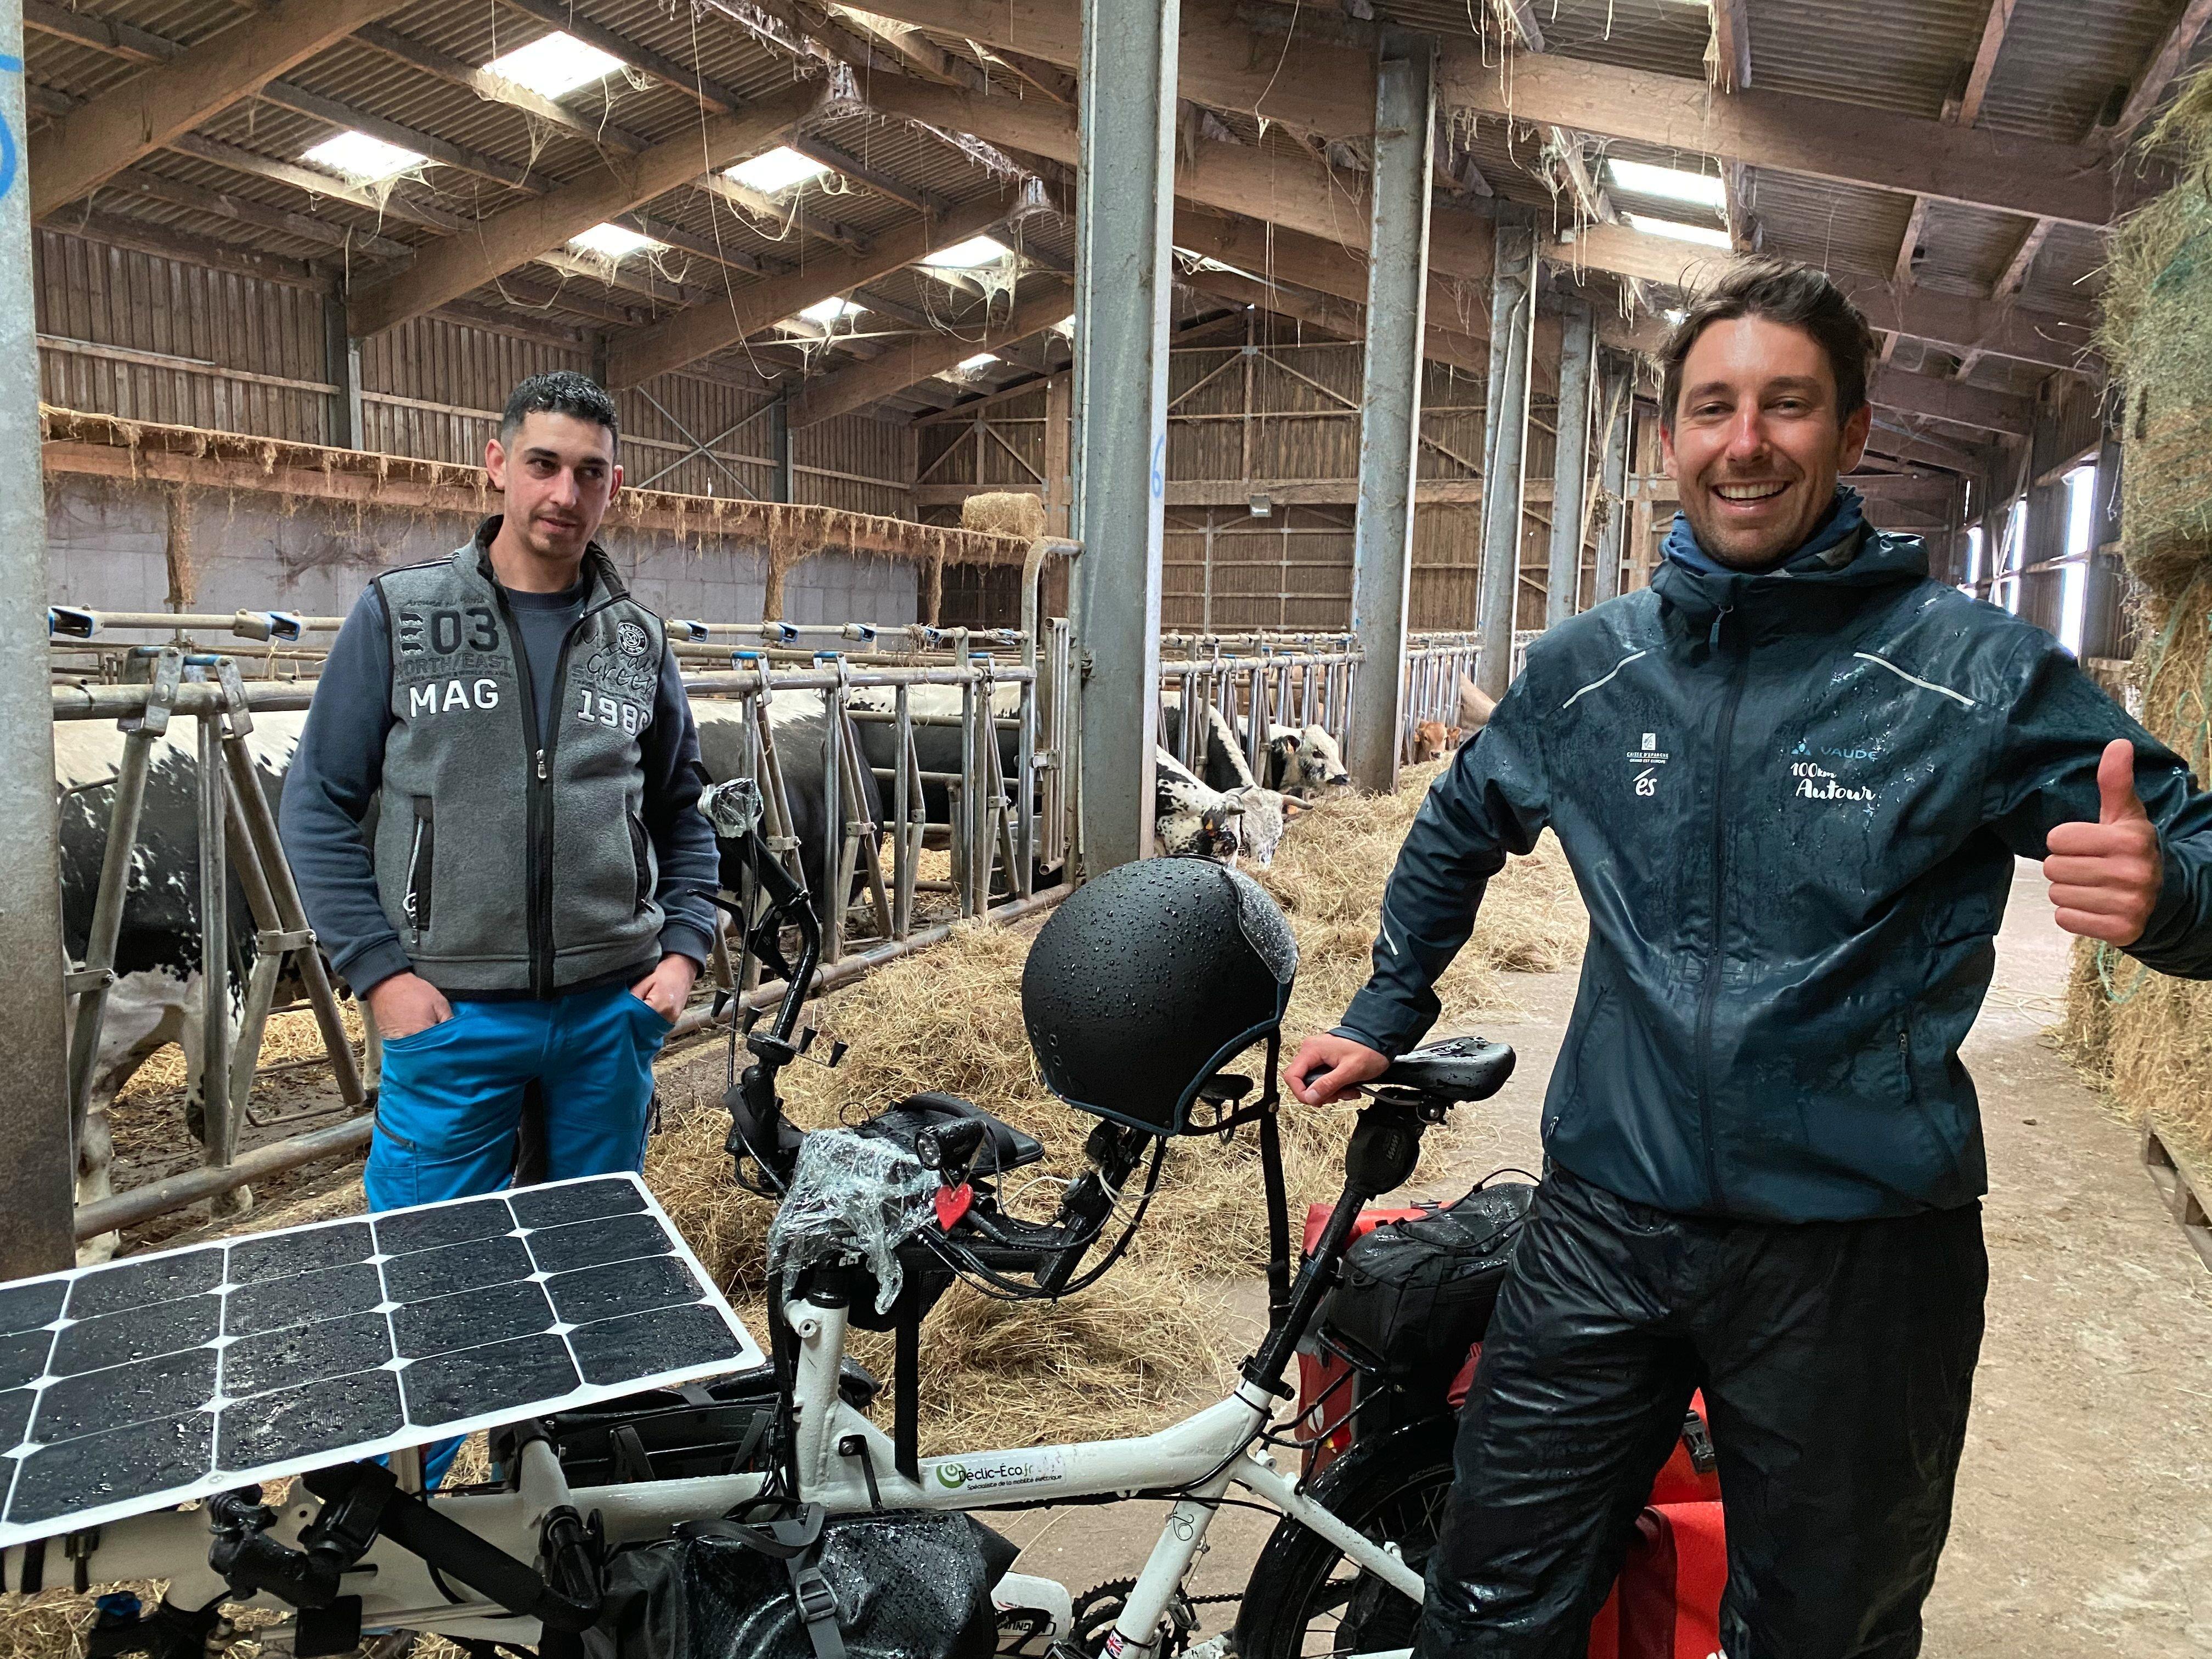 «100 km autour de Strasbourg» : il fait le tour d'Alsace agricole à vélo solaire pour promouvoir les producteurs locaux